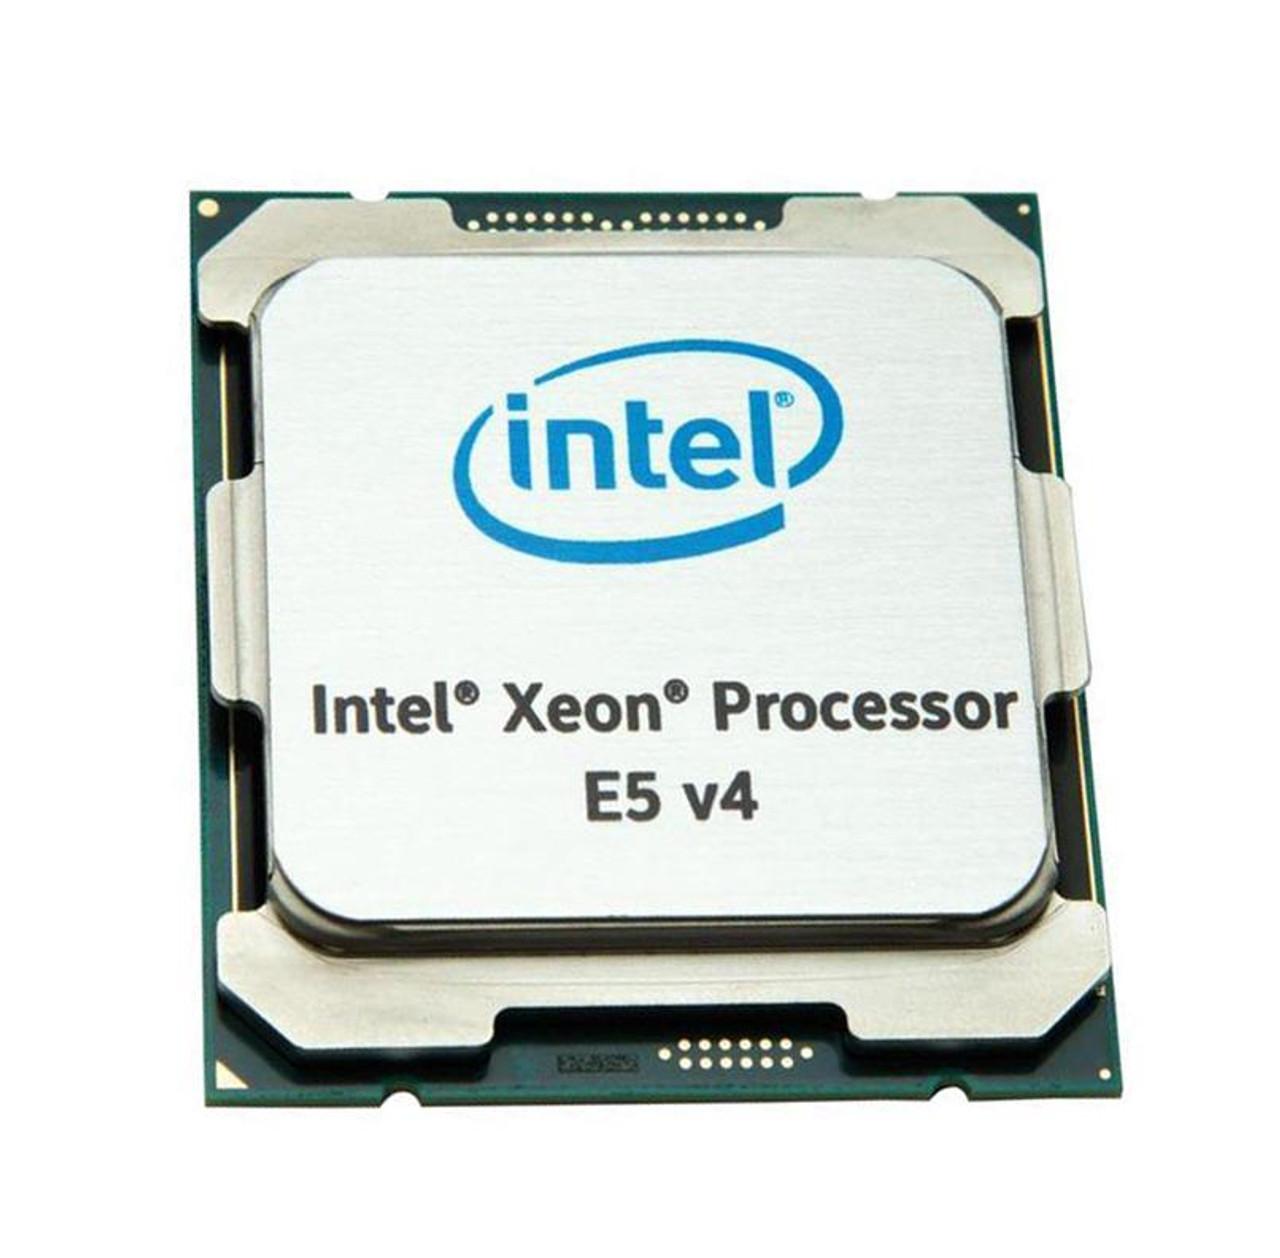 T9V34AV HP 2 60GHz 9 60GT/s QPI 35MB L3 Cache Intel Xeon E5-2690 v4 14 Core  Processor Upgrade